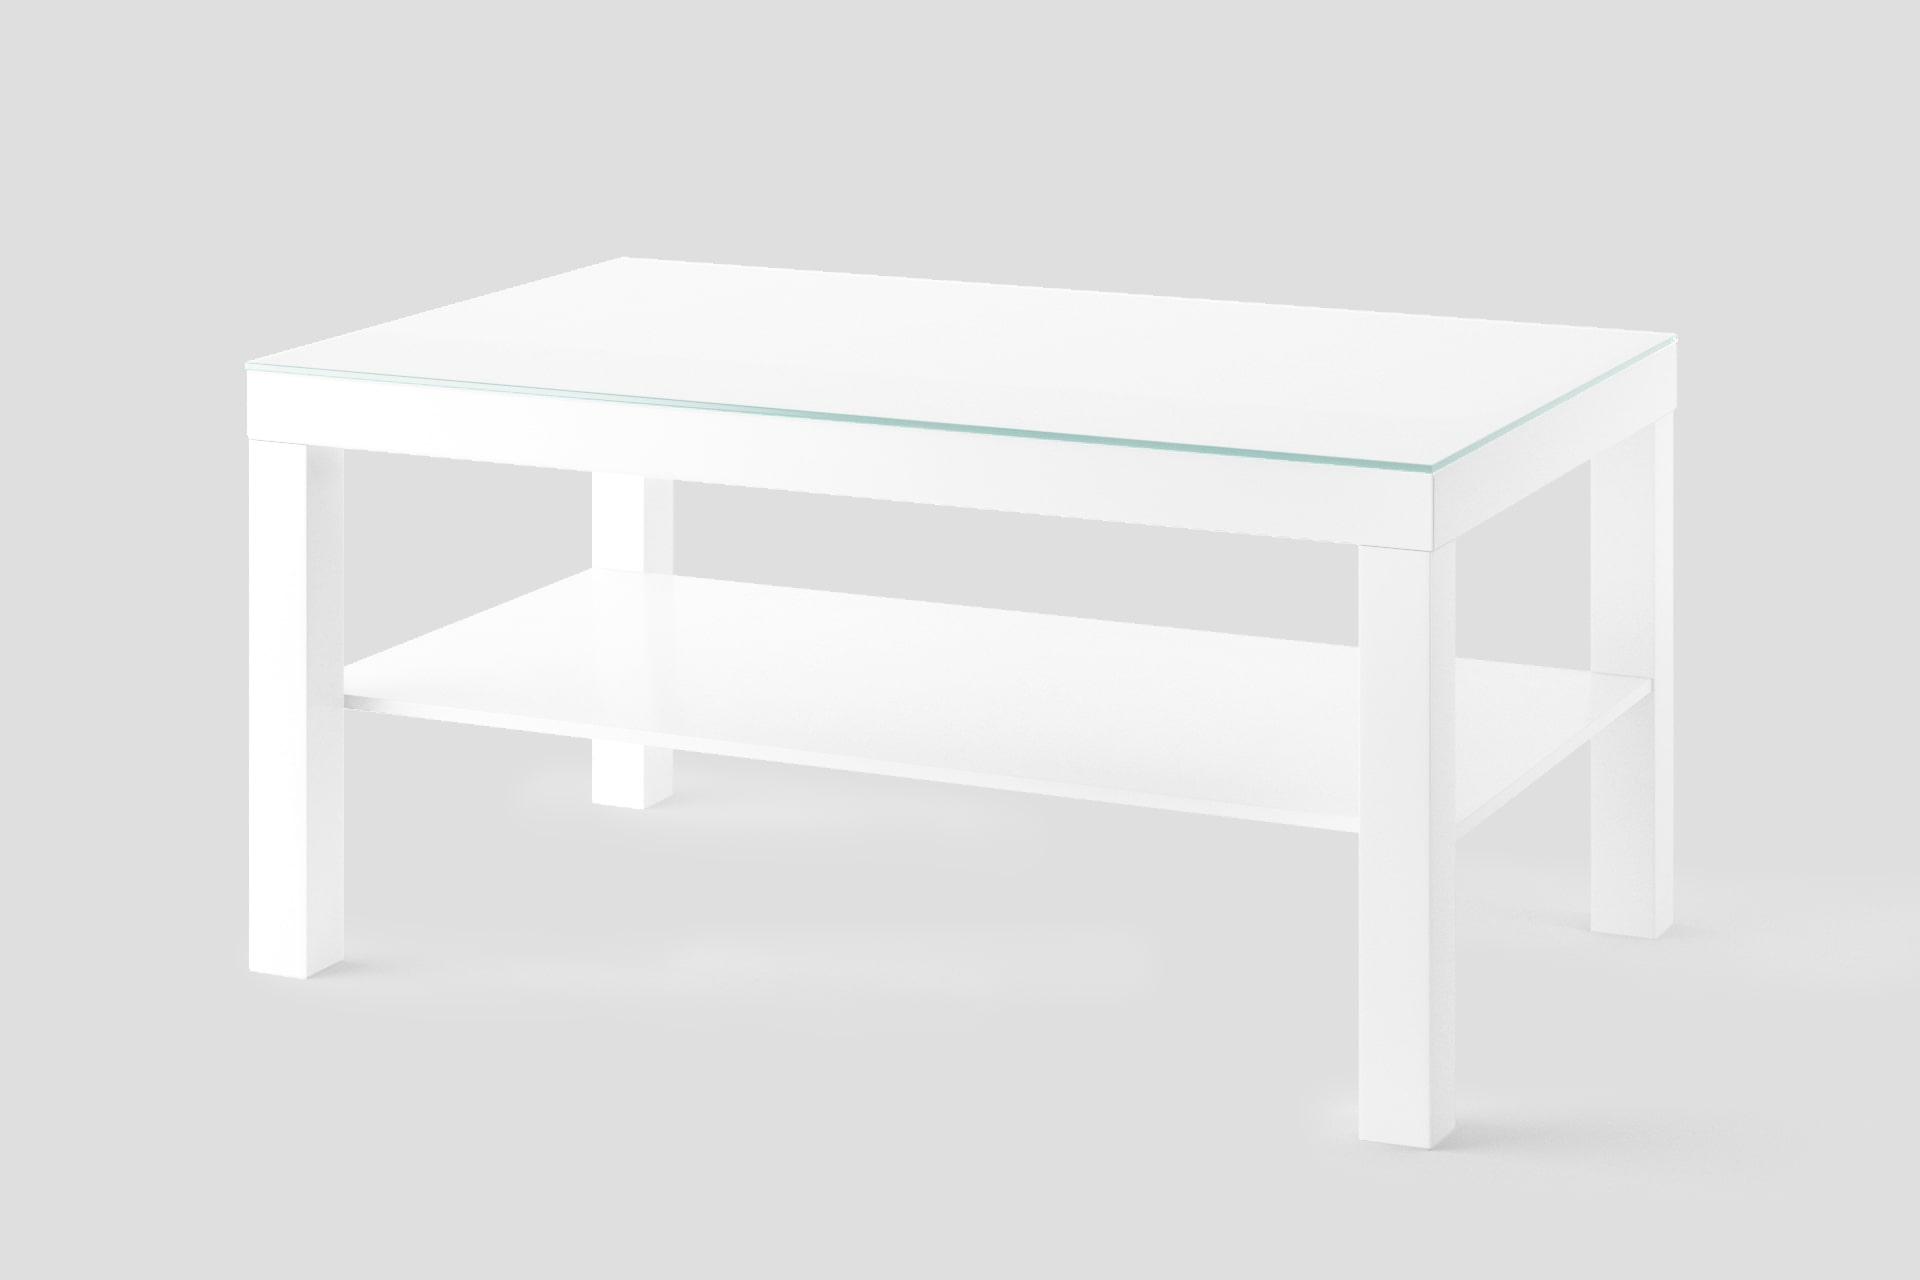 Ikea-Lack-Tisch-Glasplatte